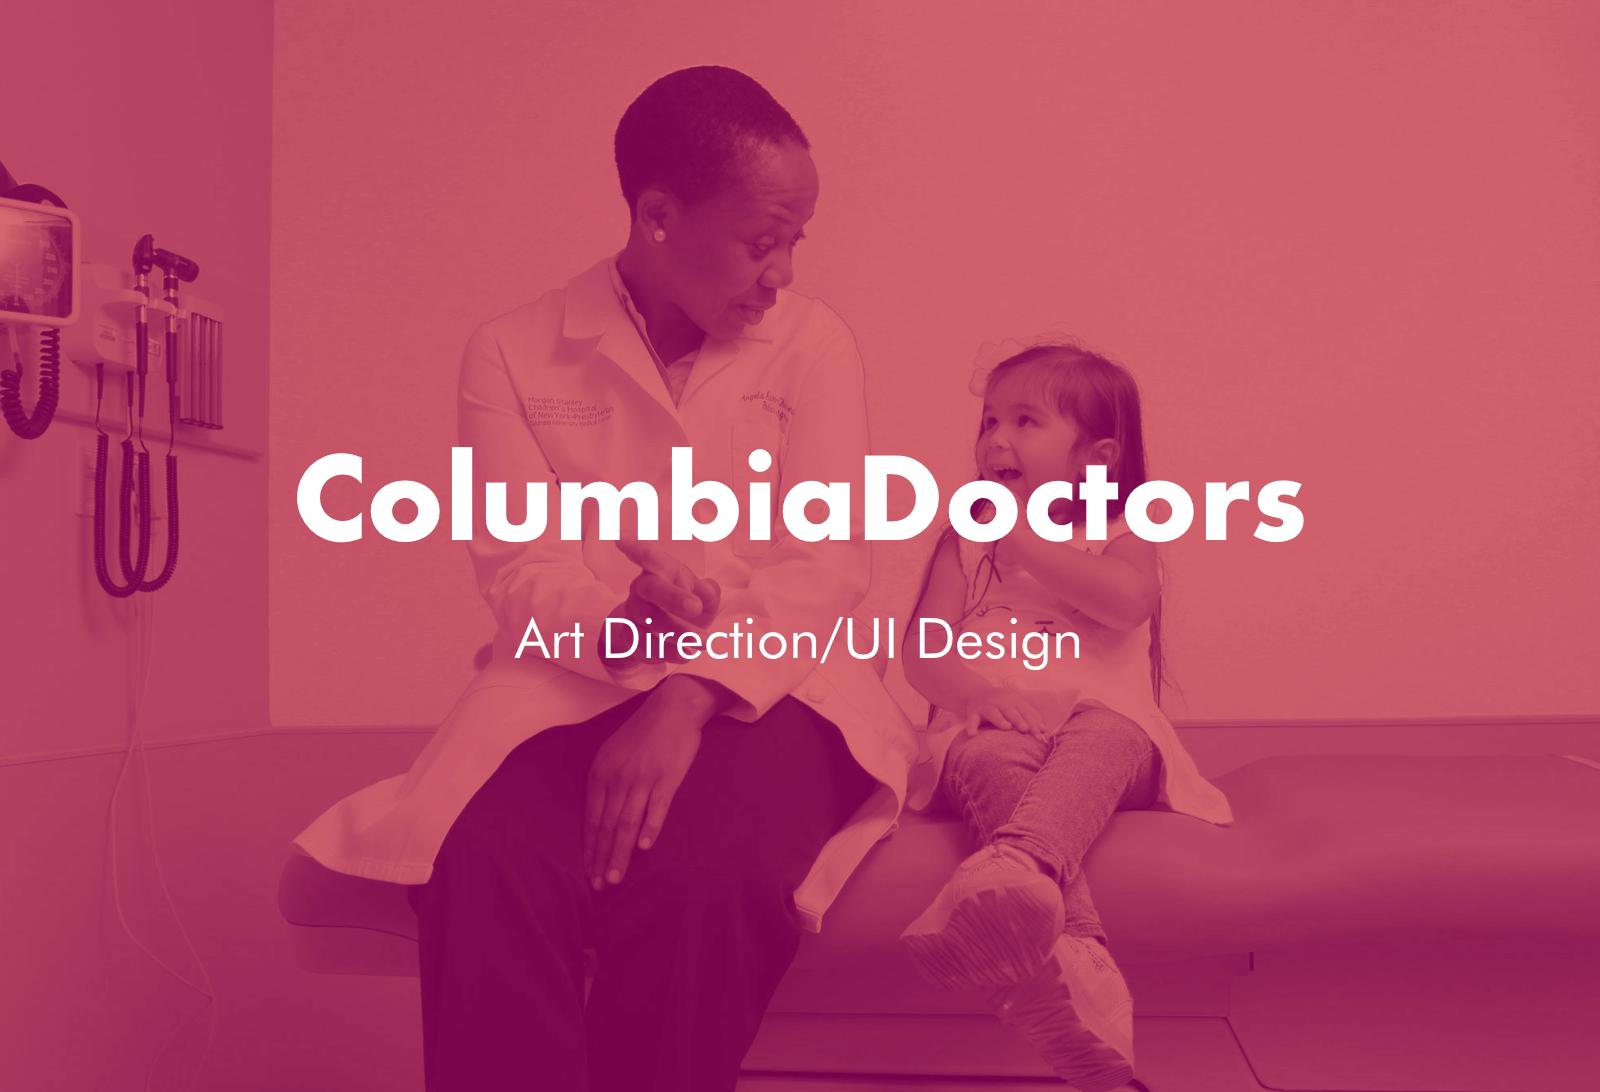 ColumbiaDoctors